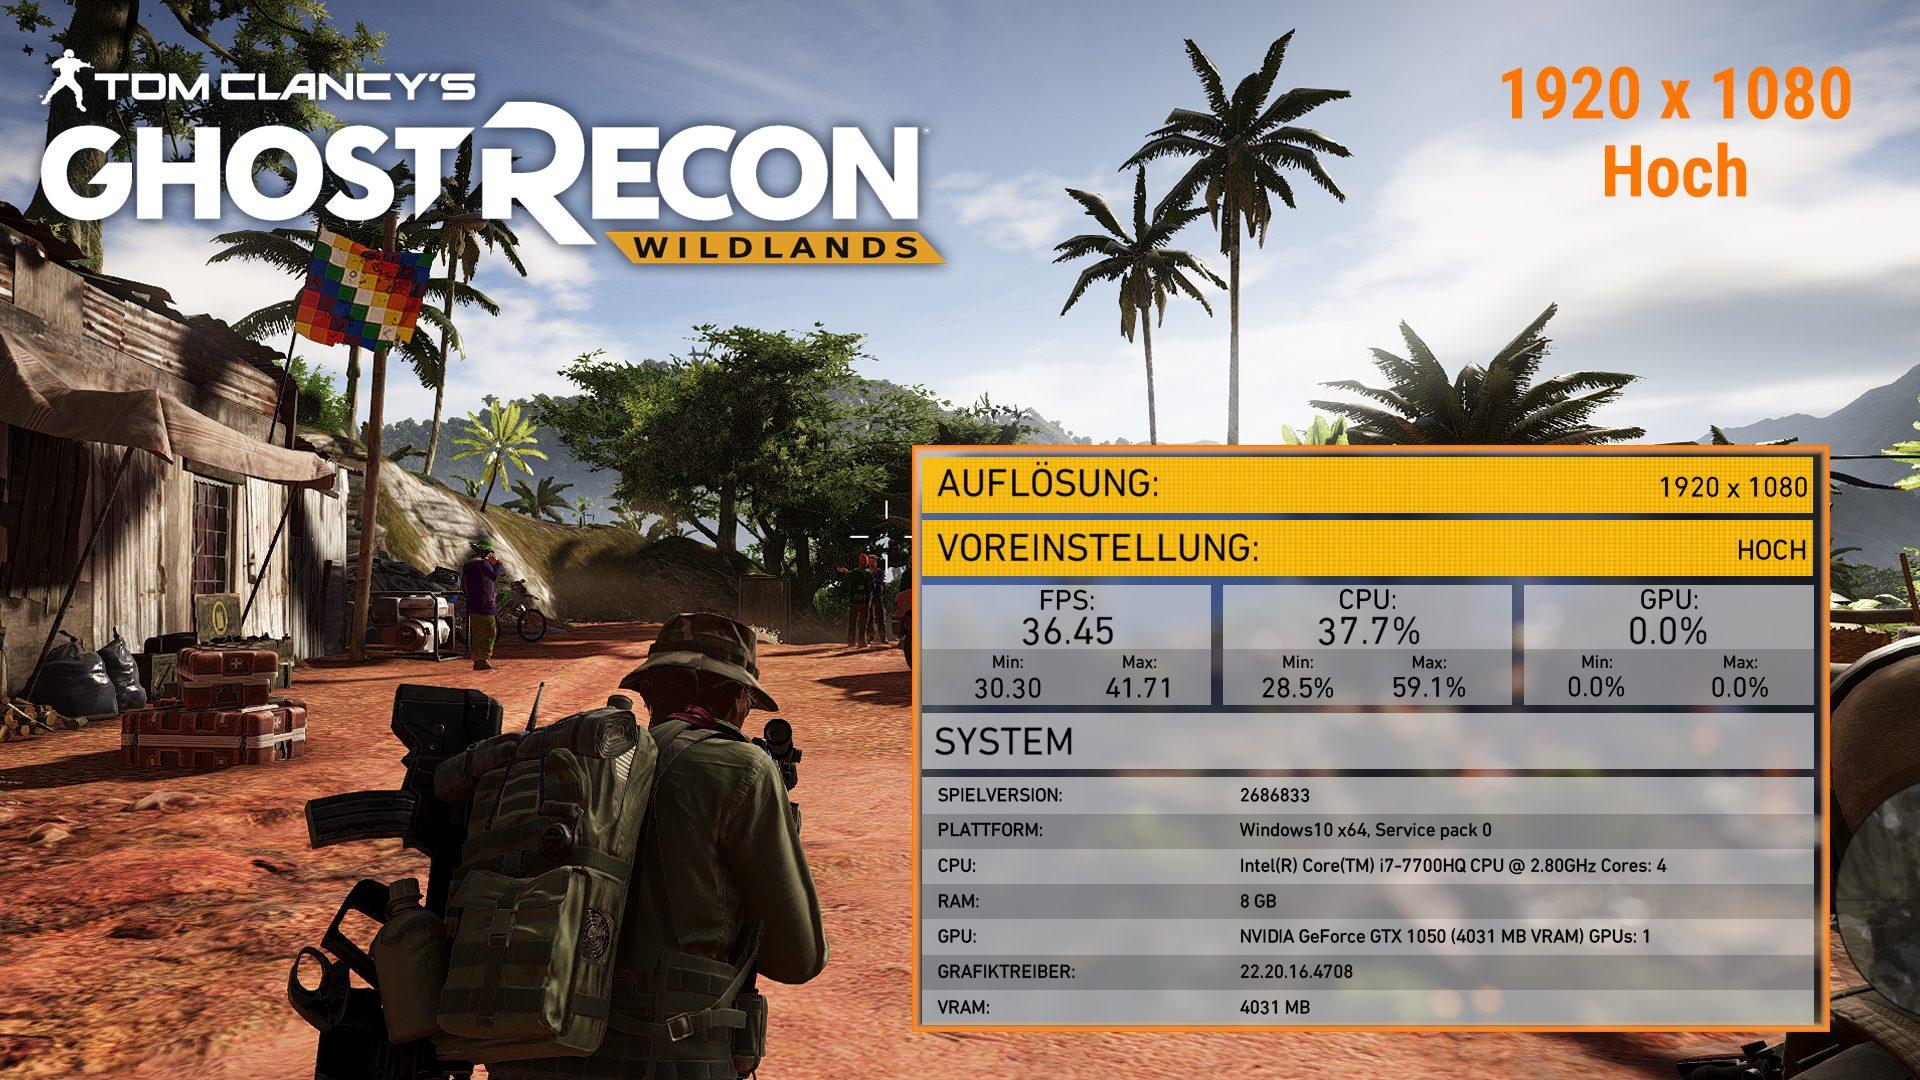 MSI GE63 7RC-004 Raider Spiel-Display-7